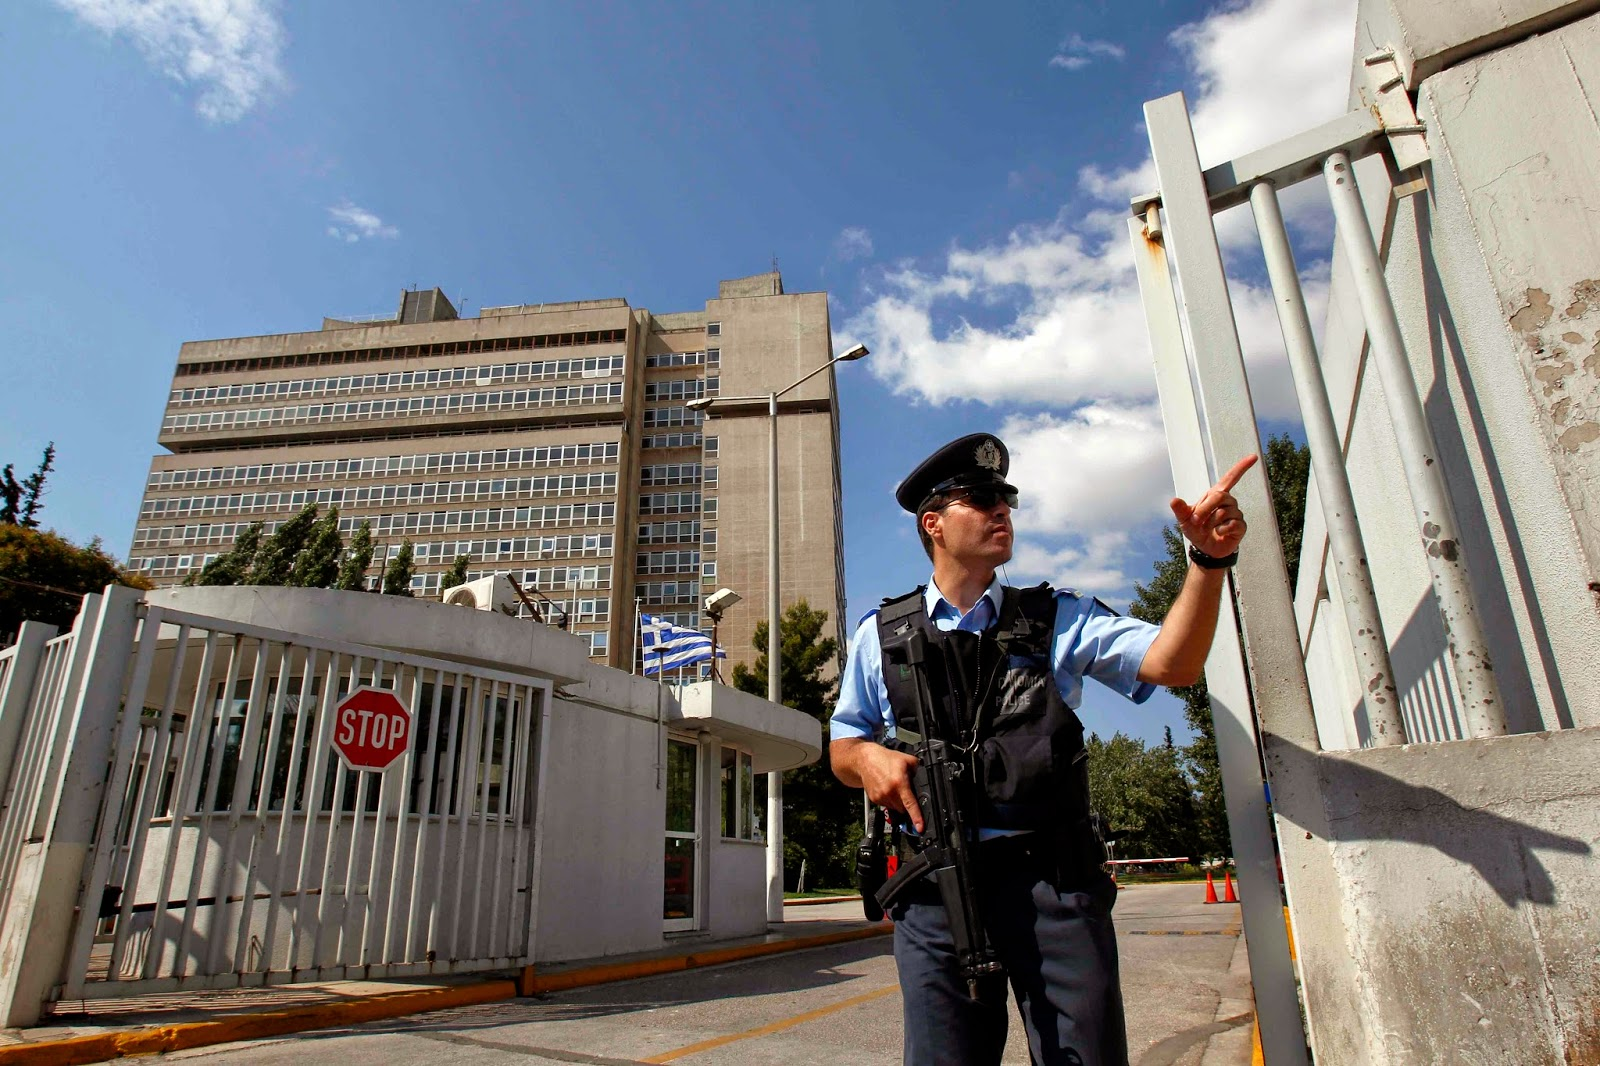 Ανοιχτή επικοινωνία με τους πολίτες καθιερώνει το Υπουργείο Προστασίας του Πολίτη